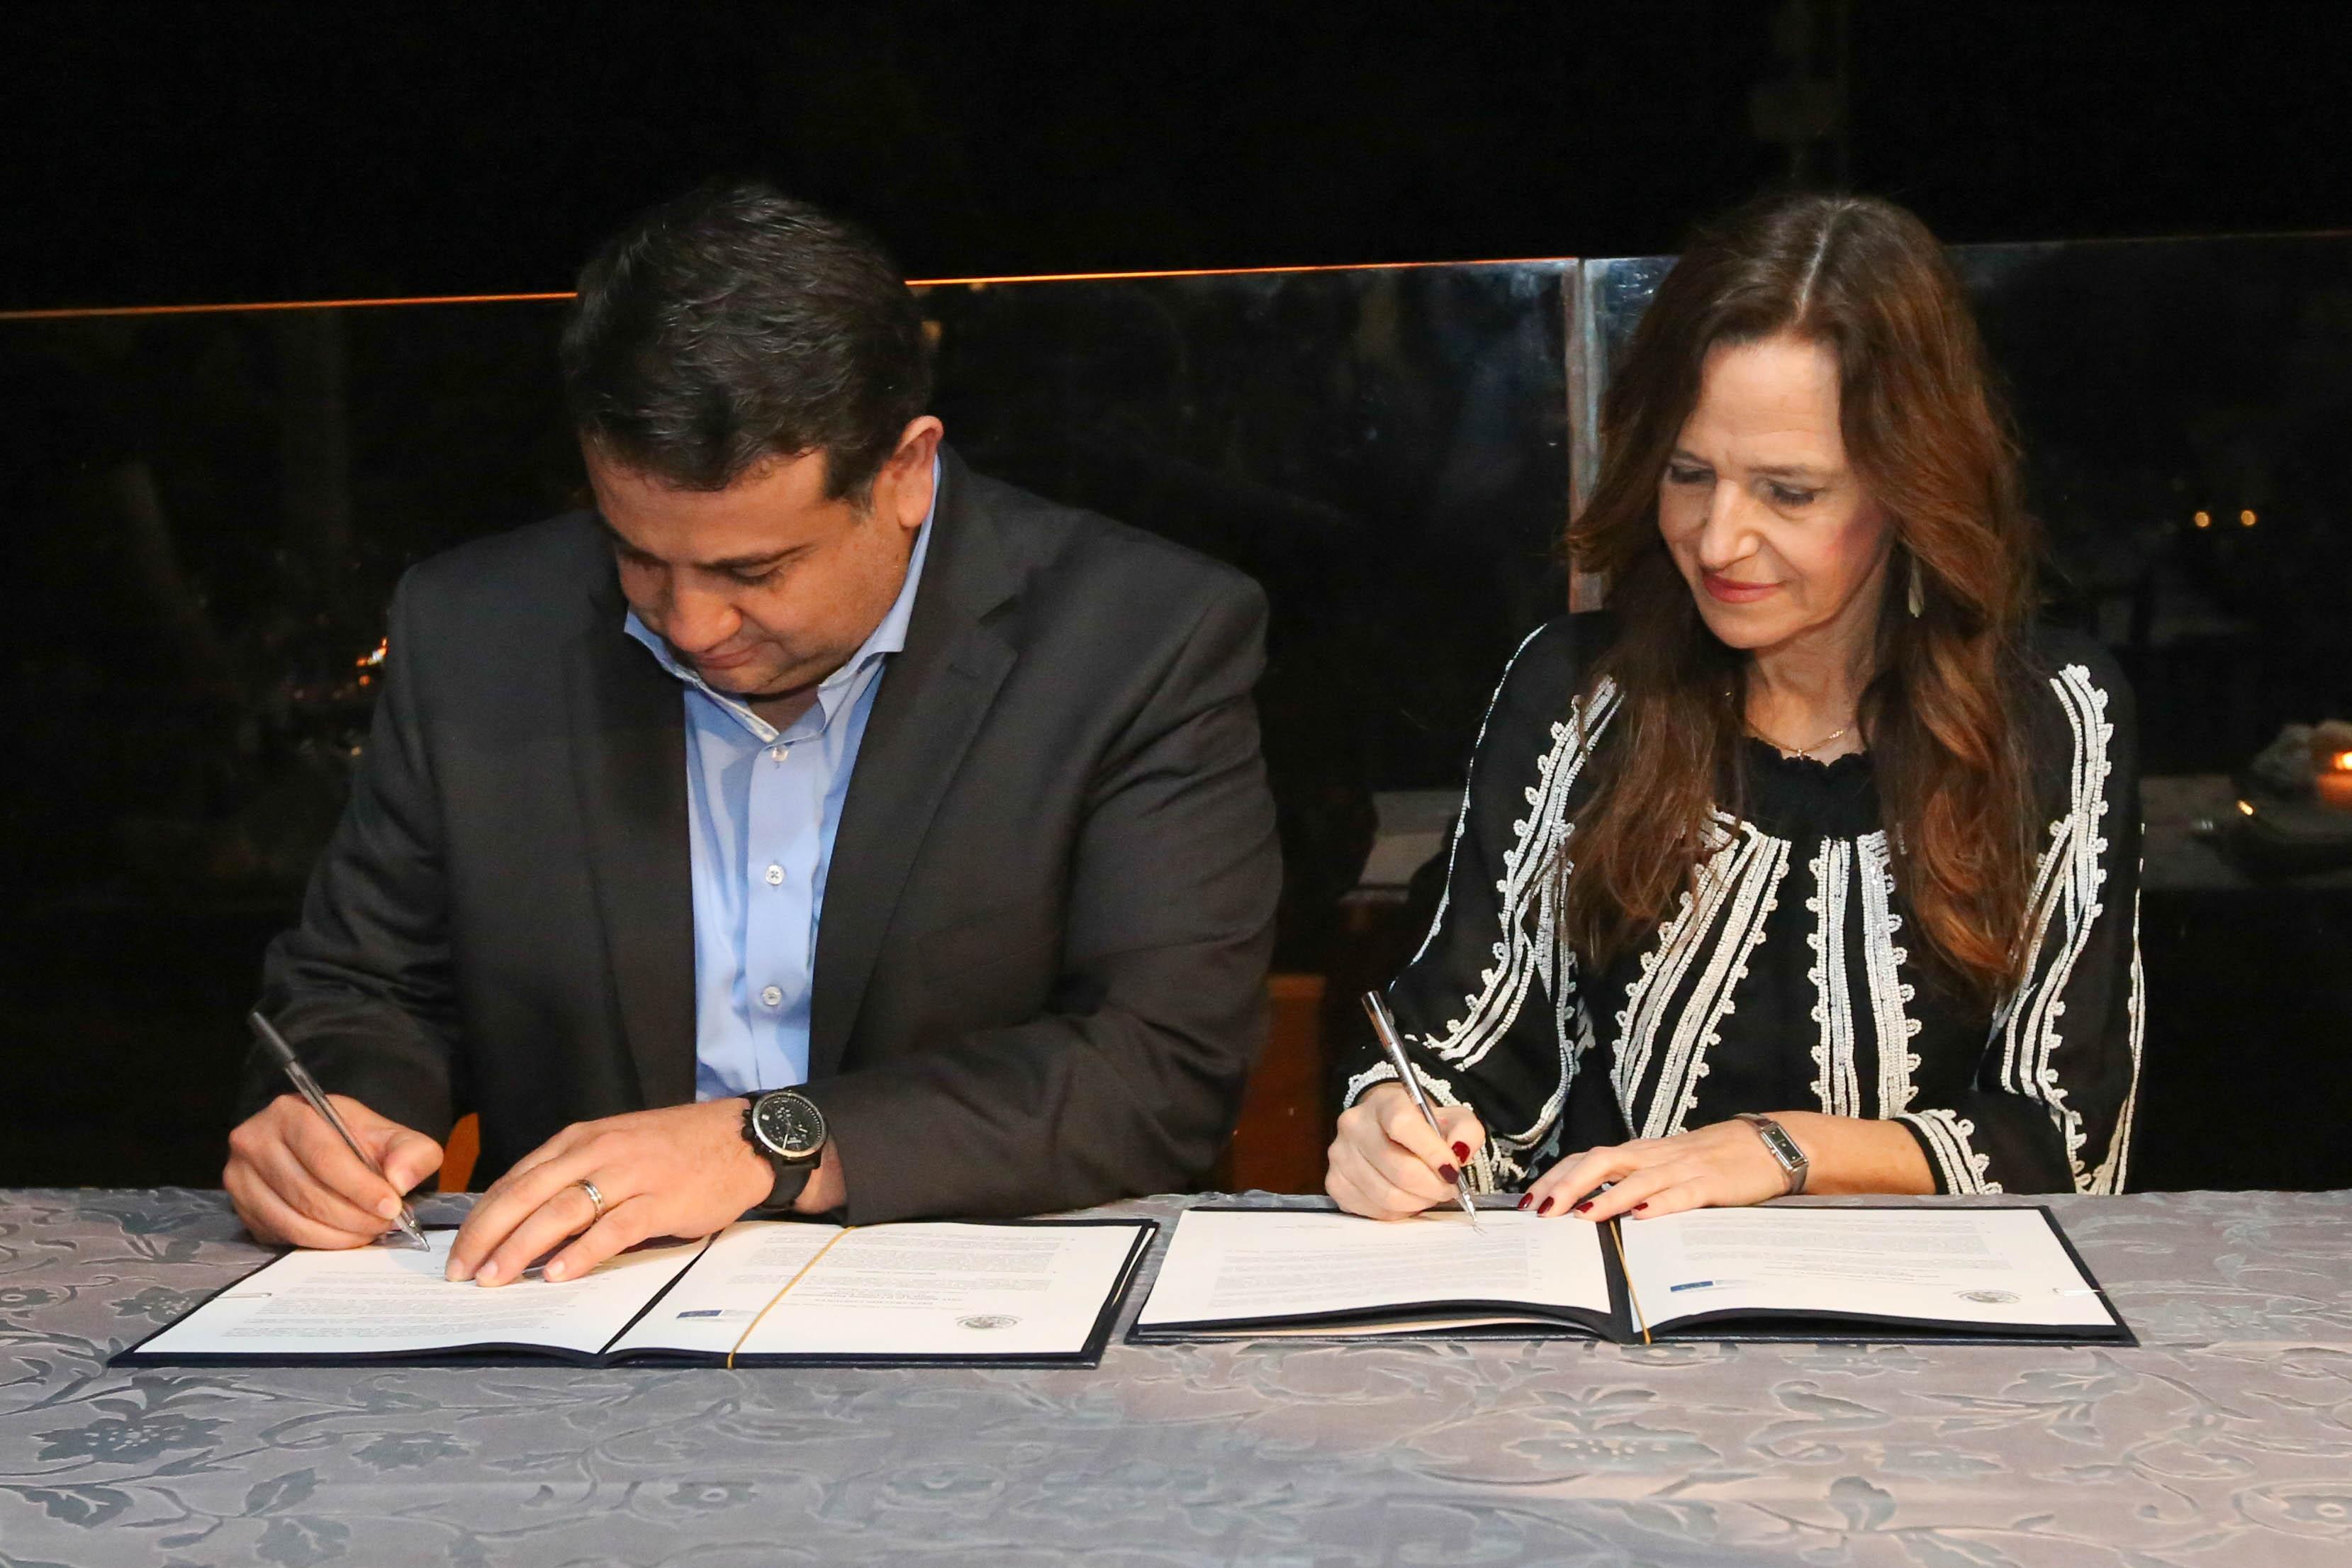 Reafirma la Comisión Parlamentaria Mixta México-Unión Europea su compromiso con la democracia, el Estado de Derecho y la participación política